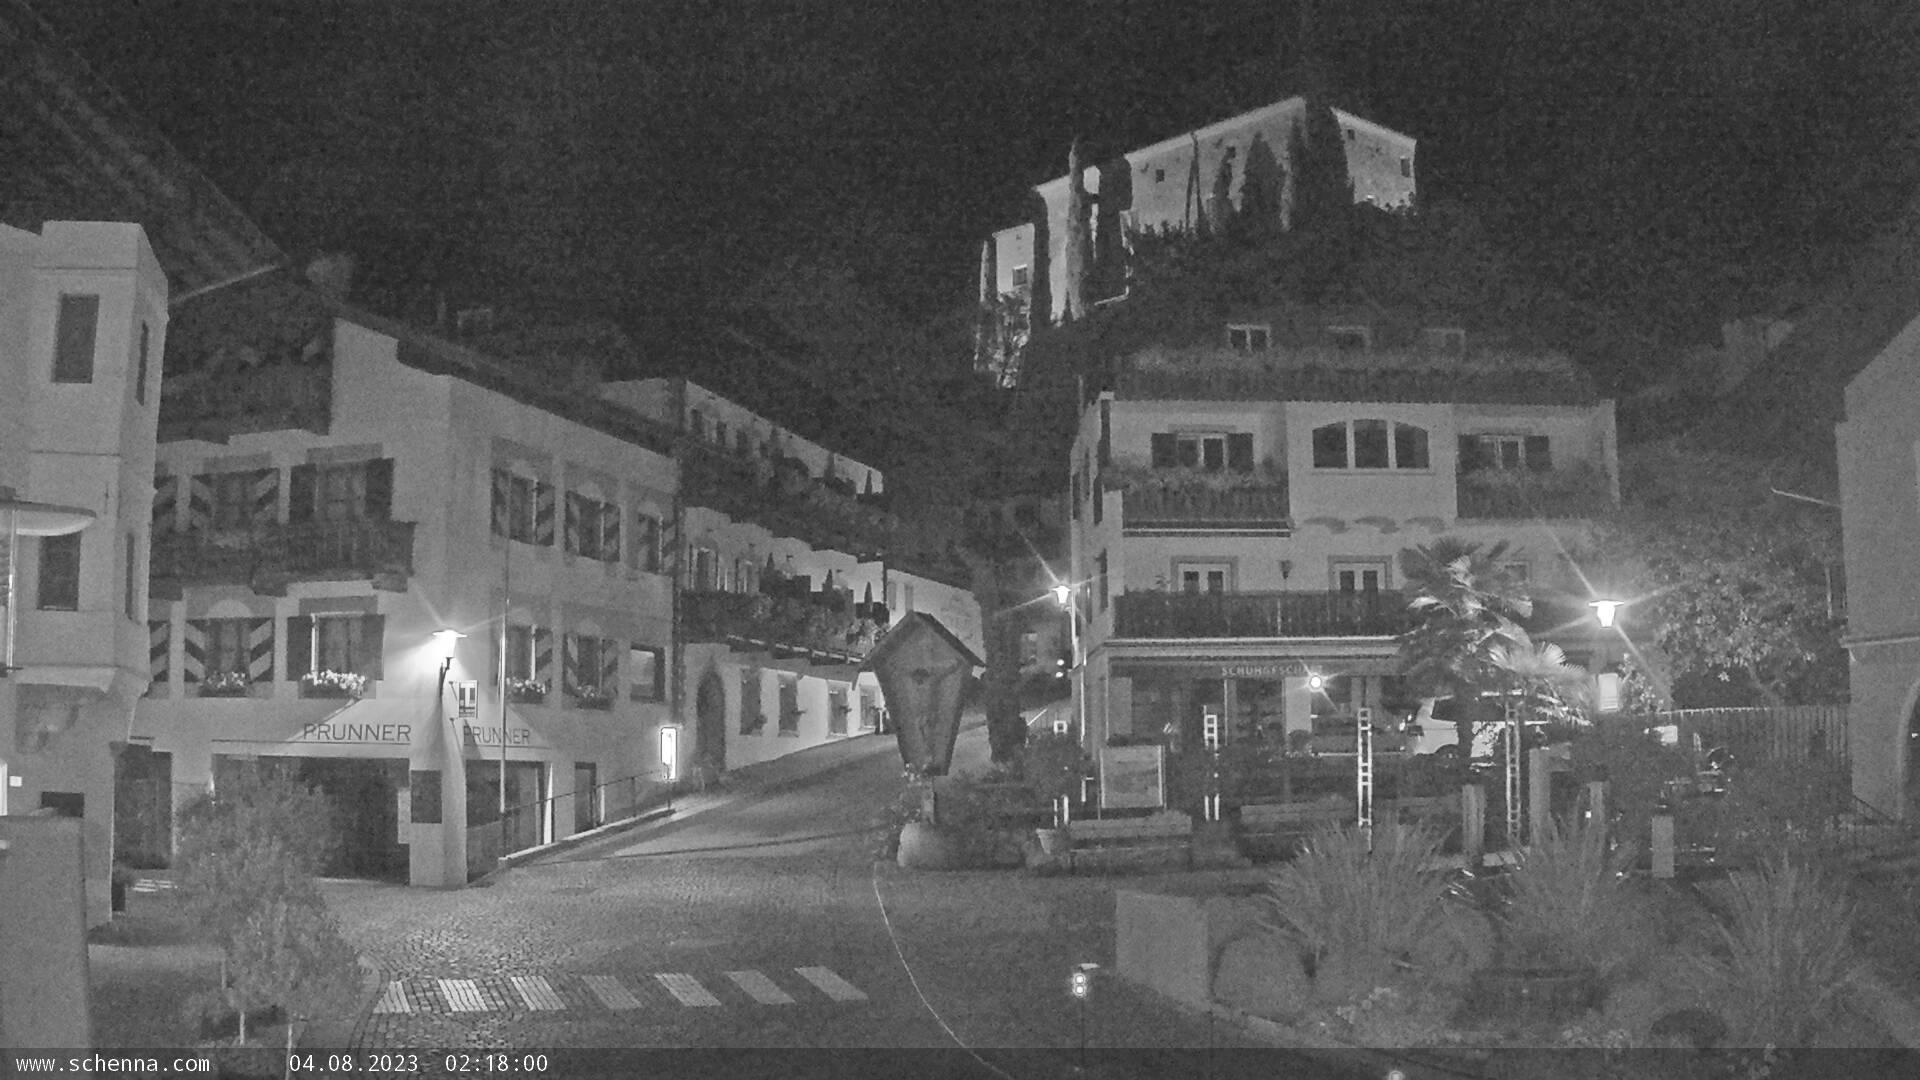 Ortszentrum von Schenna - Schlossweg mit Blick auf Schloss Schenna